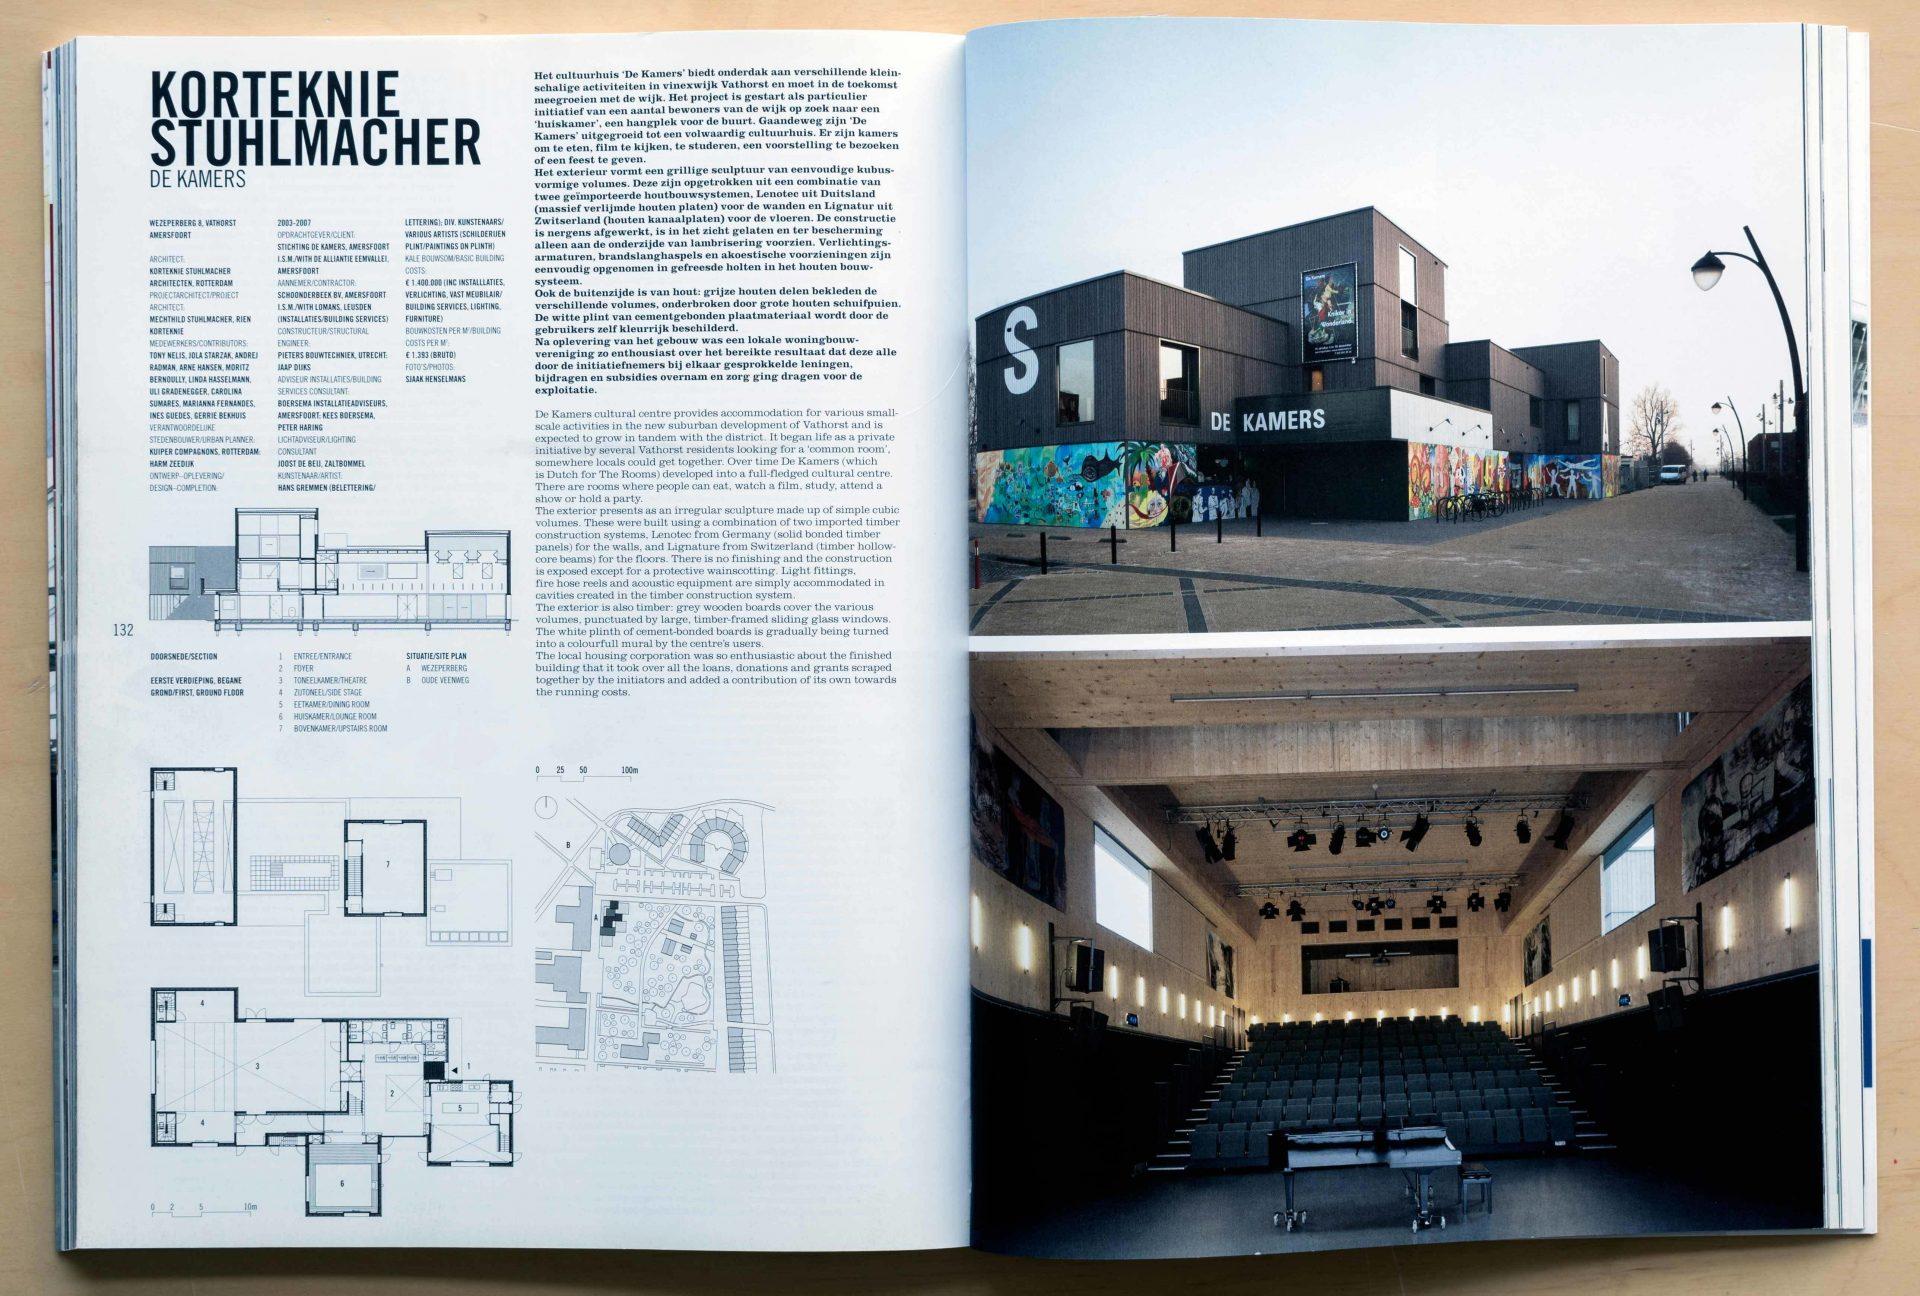 Jaarboek De Kamers 1 Dsc 4869